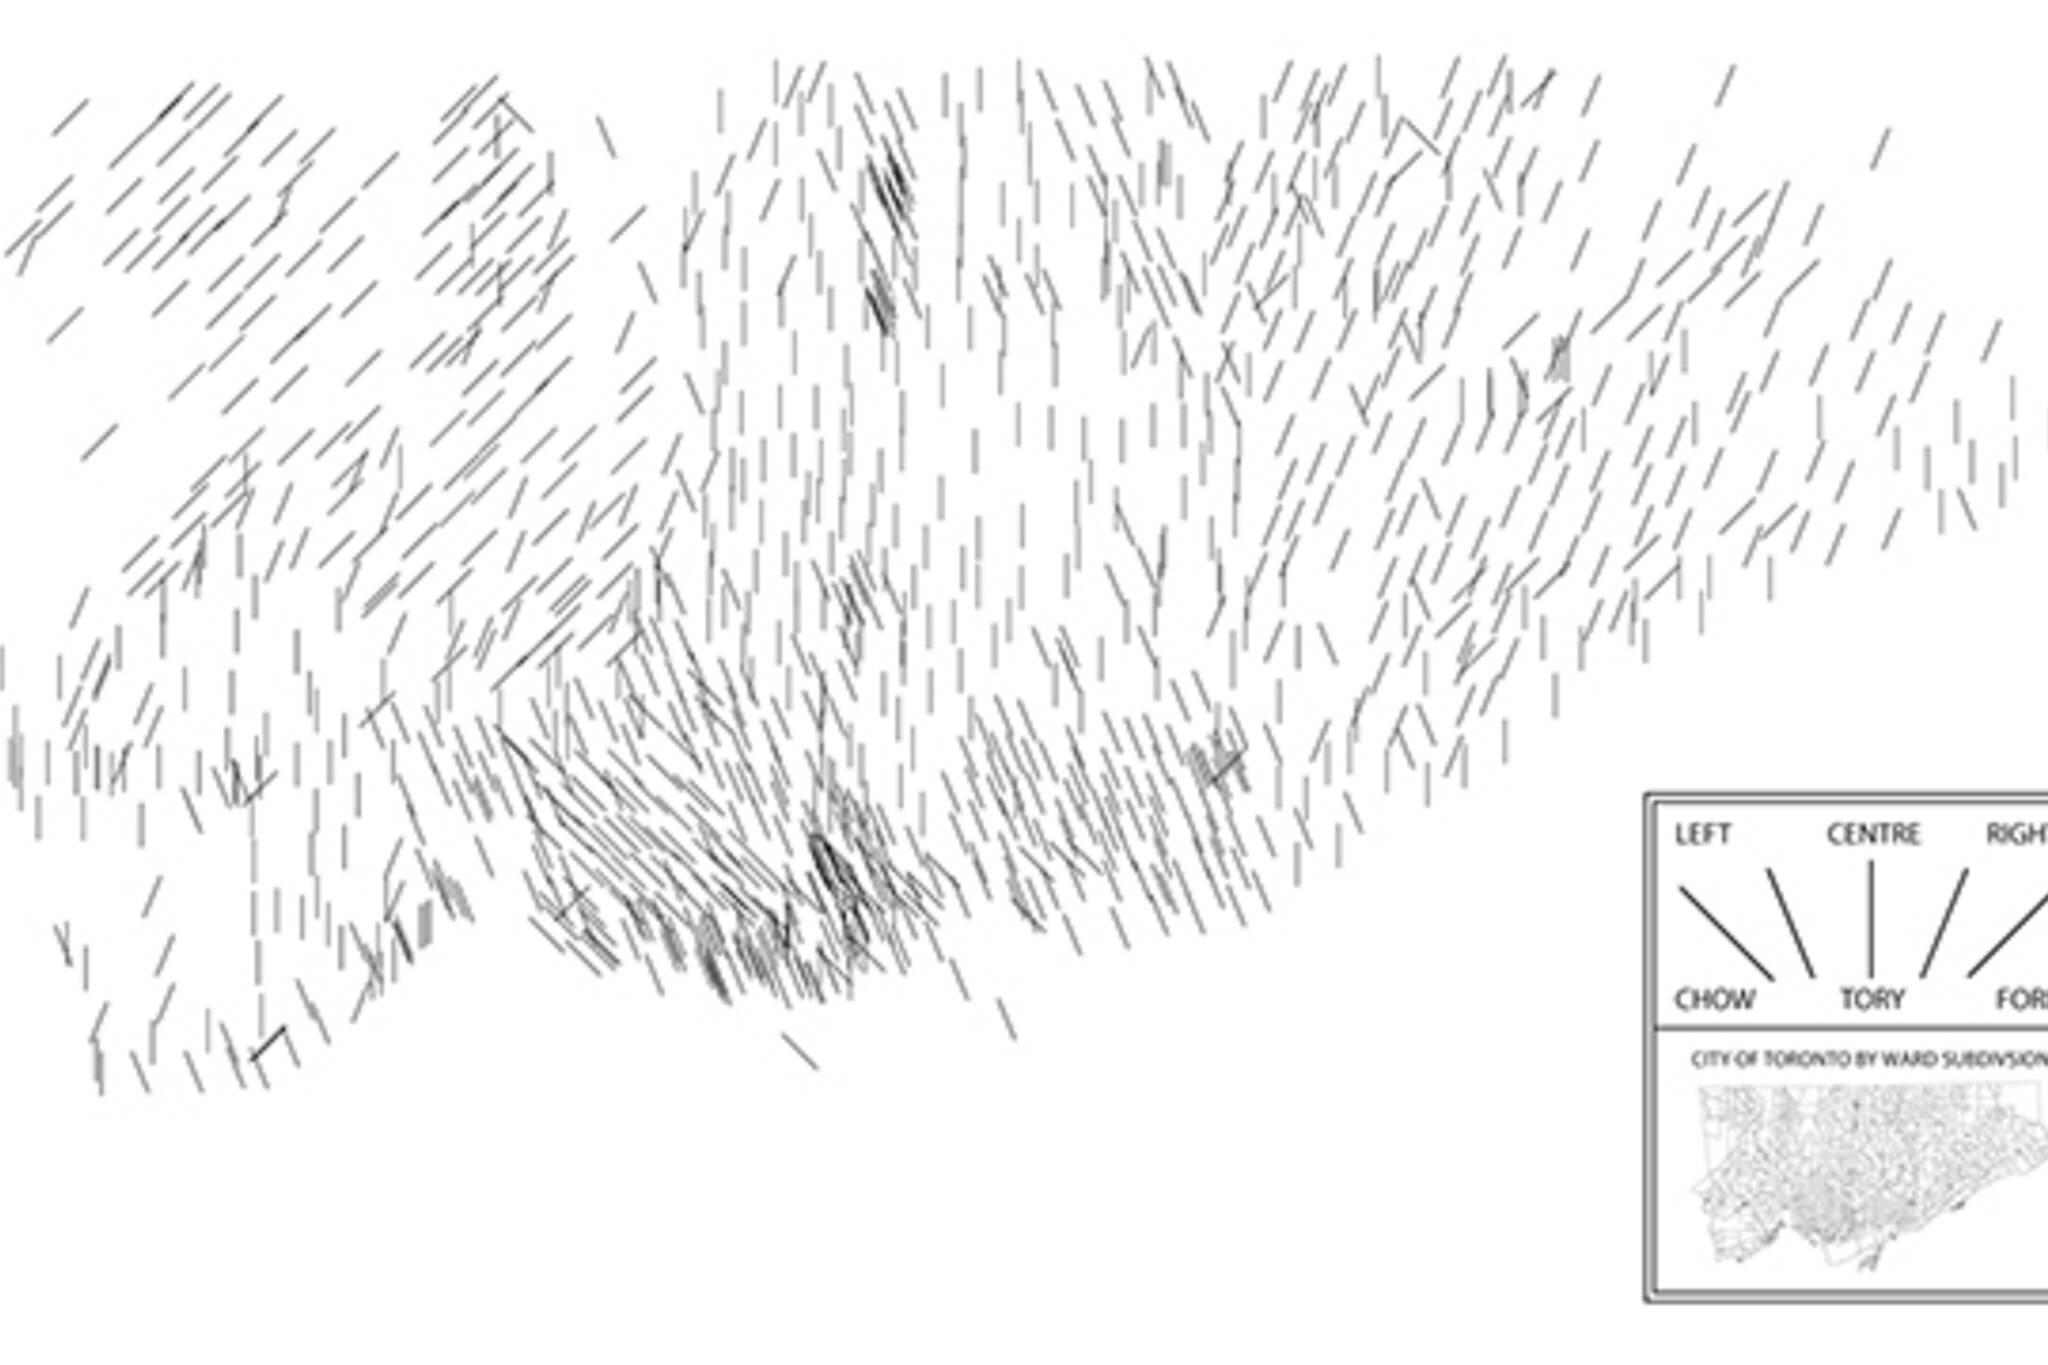 toronto politcal map